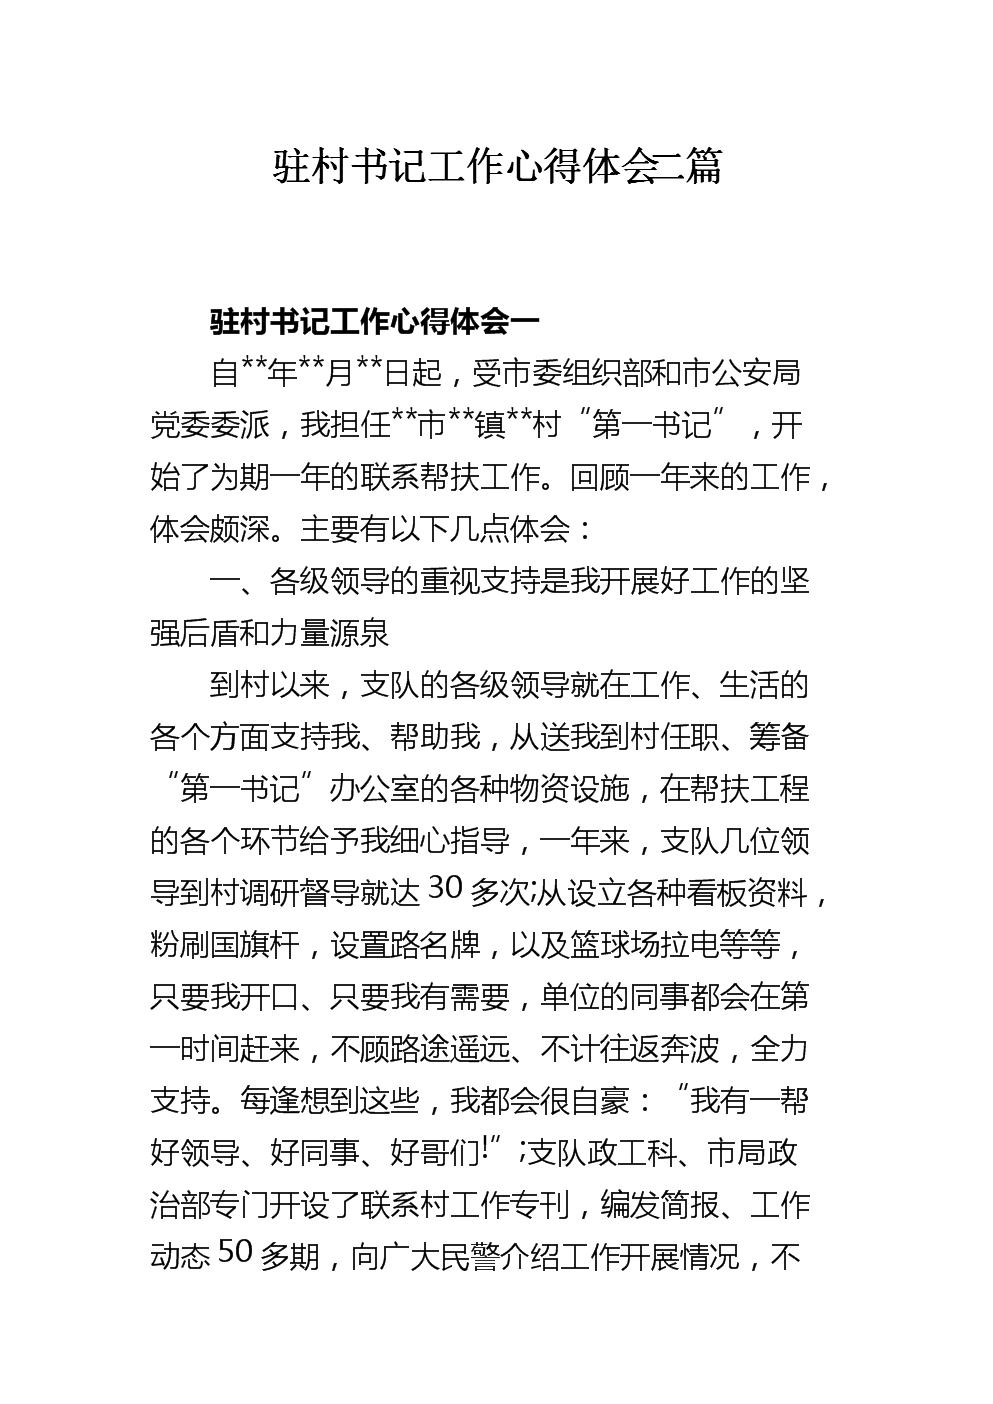 驻村书记工作心得体会二篇.docx